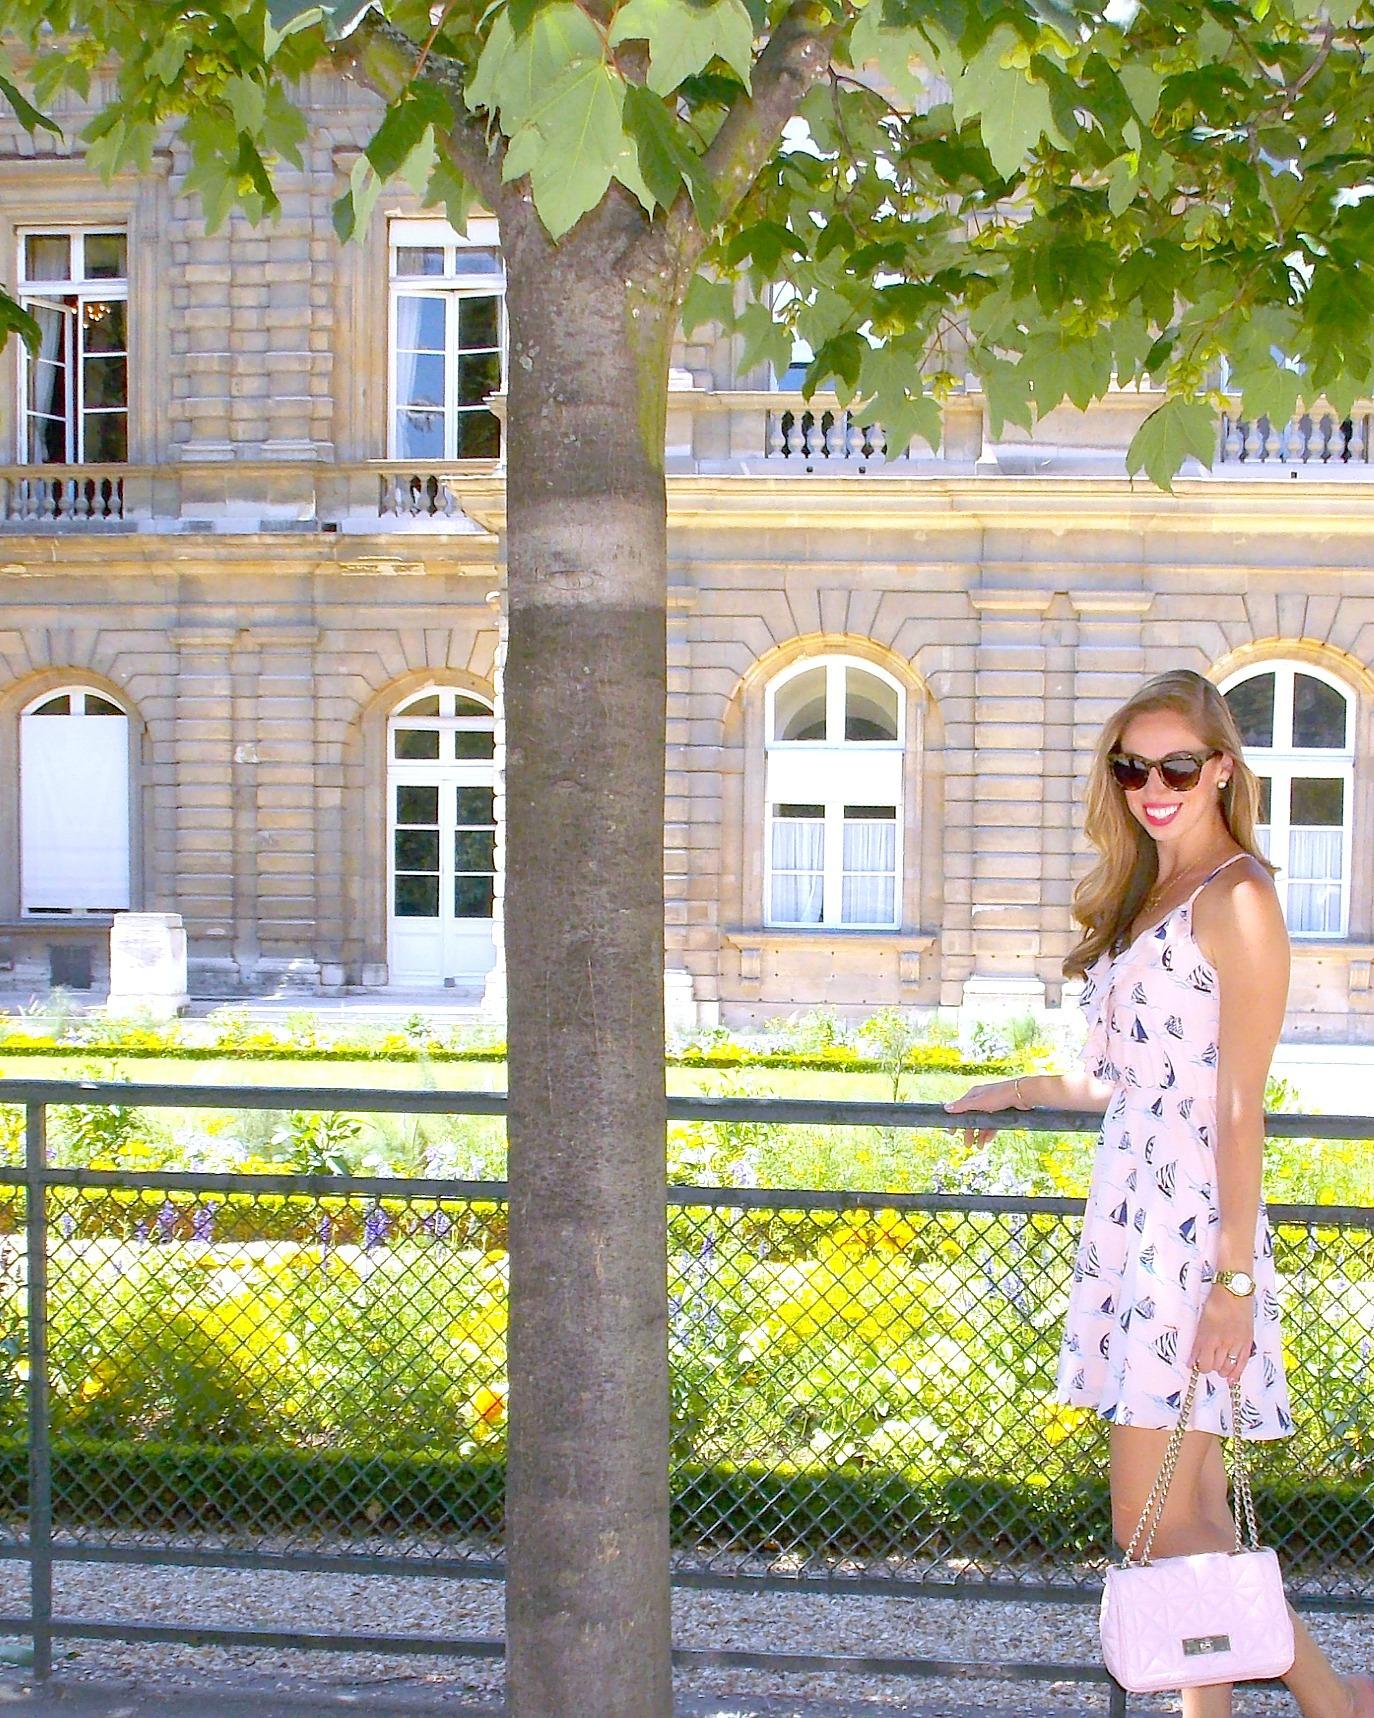 Jardin du luxembourg 1